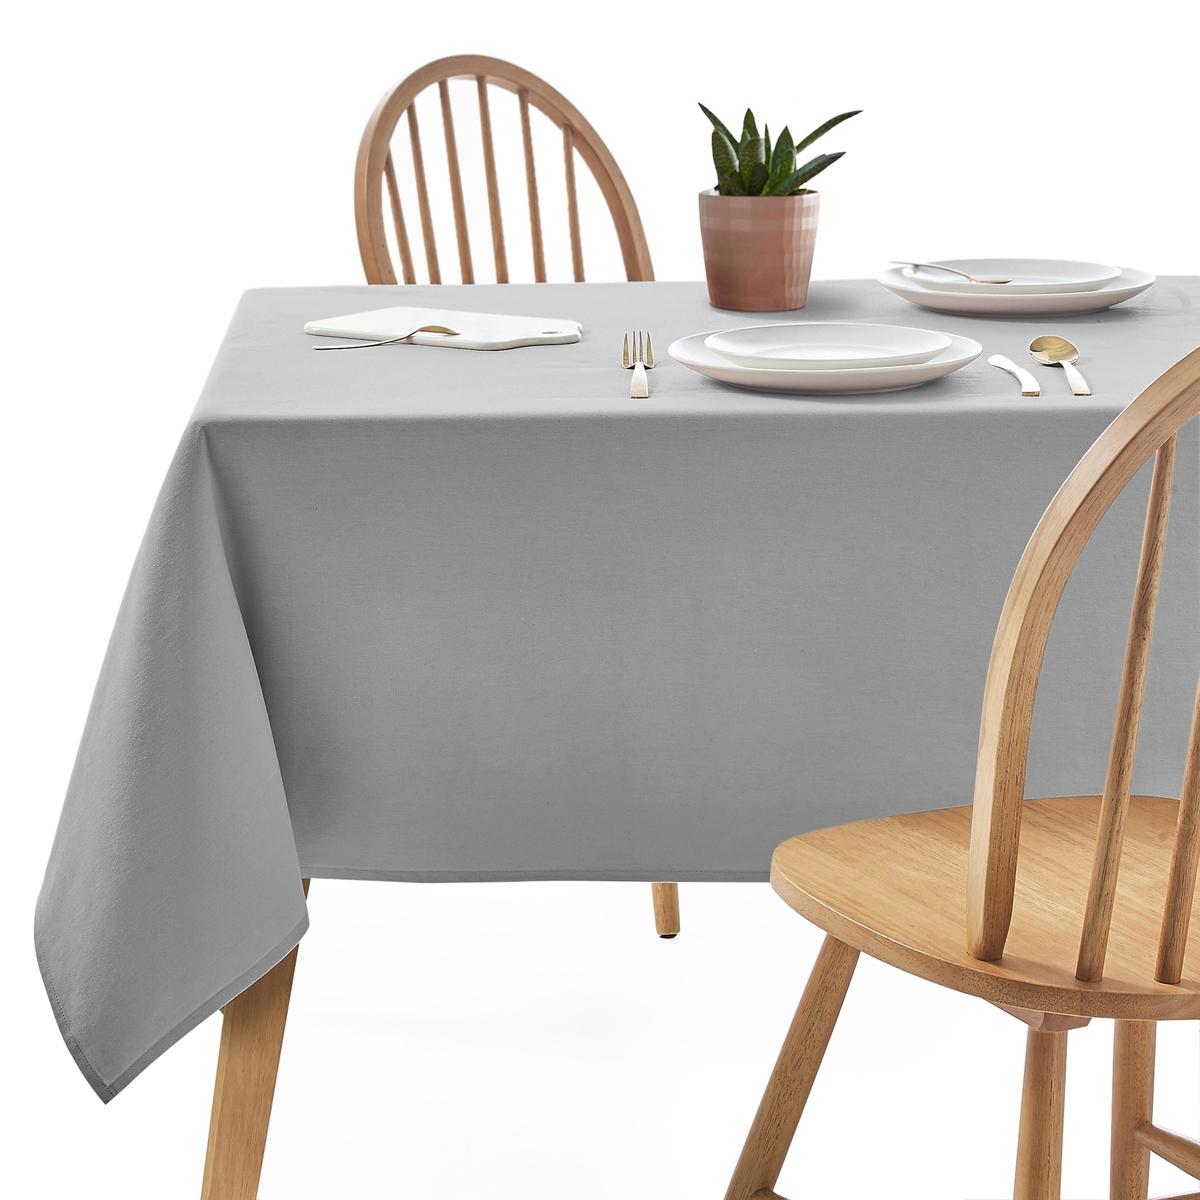 Однотонная LaRedoute Скатерть из полиэстера Scenario 150 x 150 см серый скатерть столовая iv63250 150 200